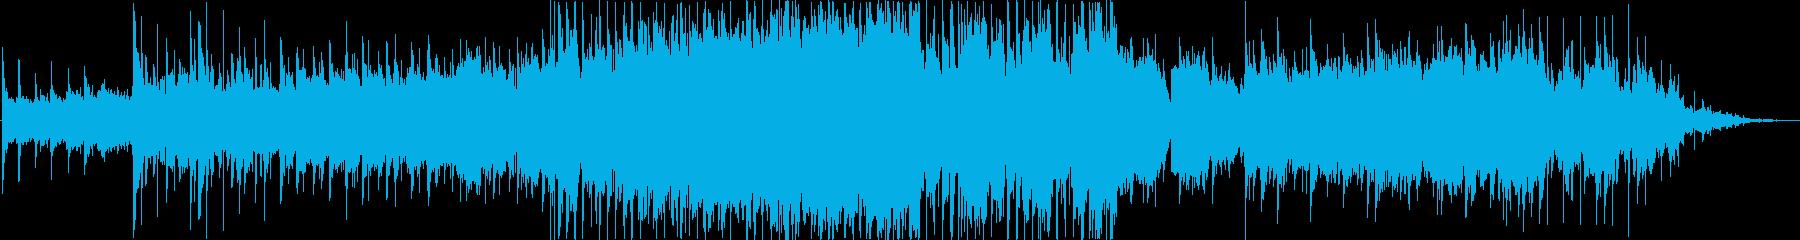 シェナンドー(アメリカ民謡)のアレンジの再生済みの波形